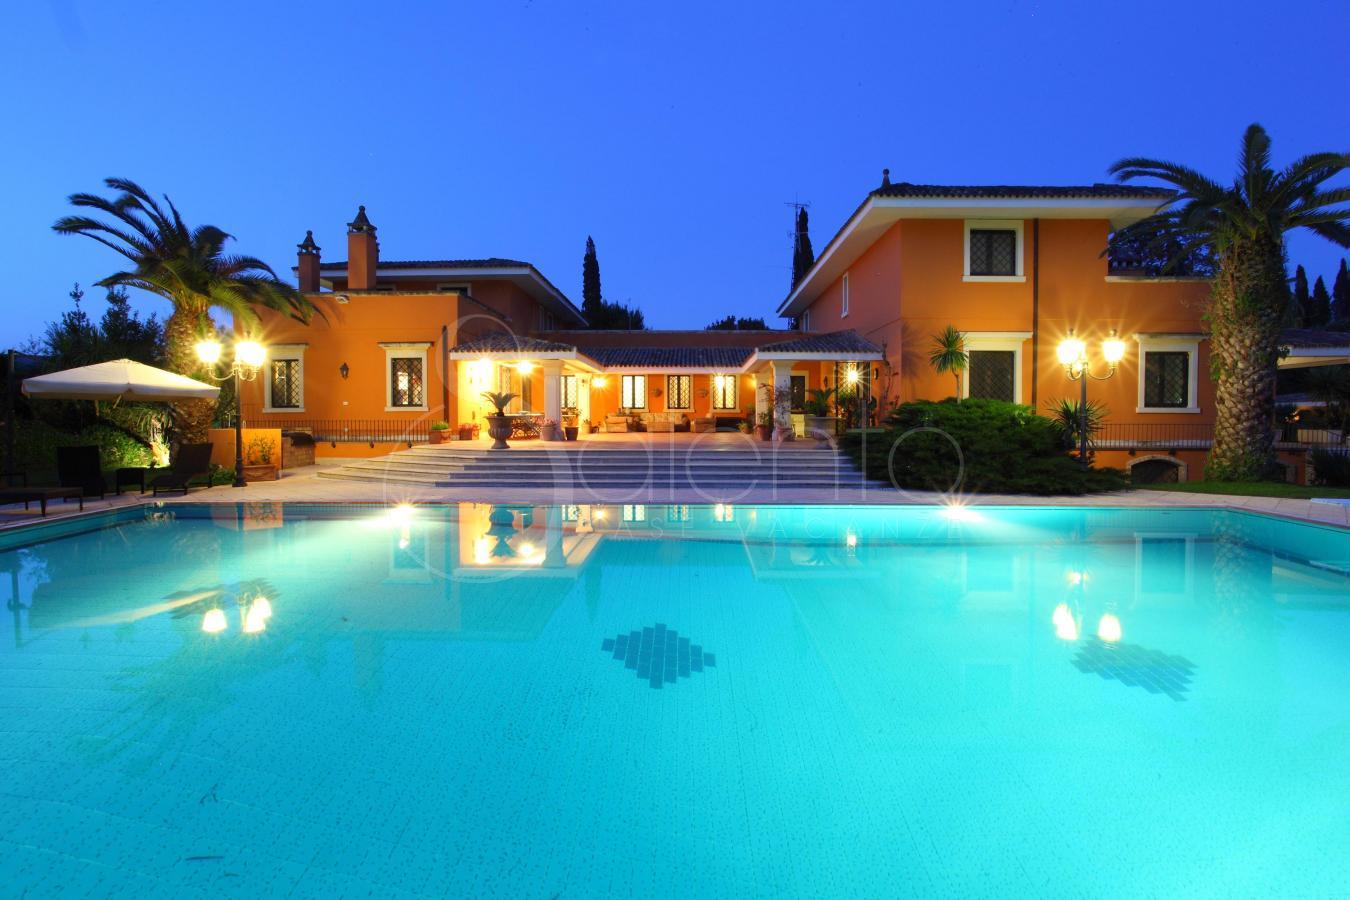 Lecce villa di lusso con piscina e campo da tennis - Ipoclorito di calcio per piscine ...